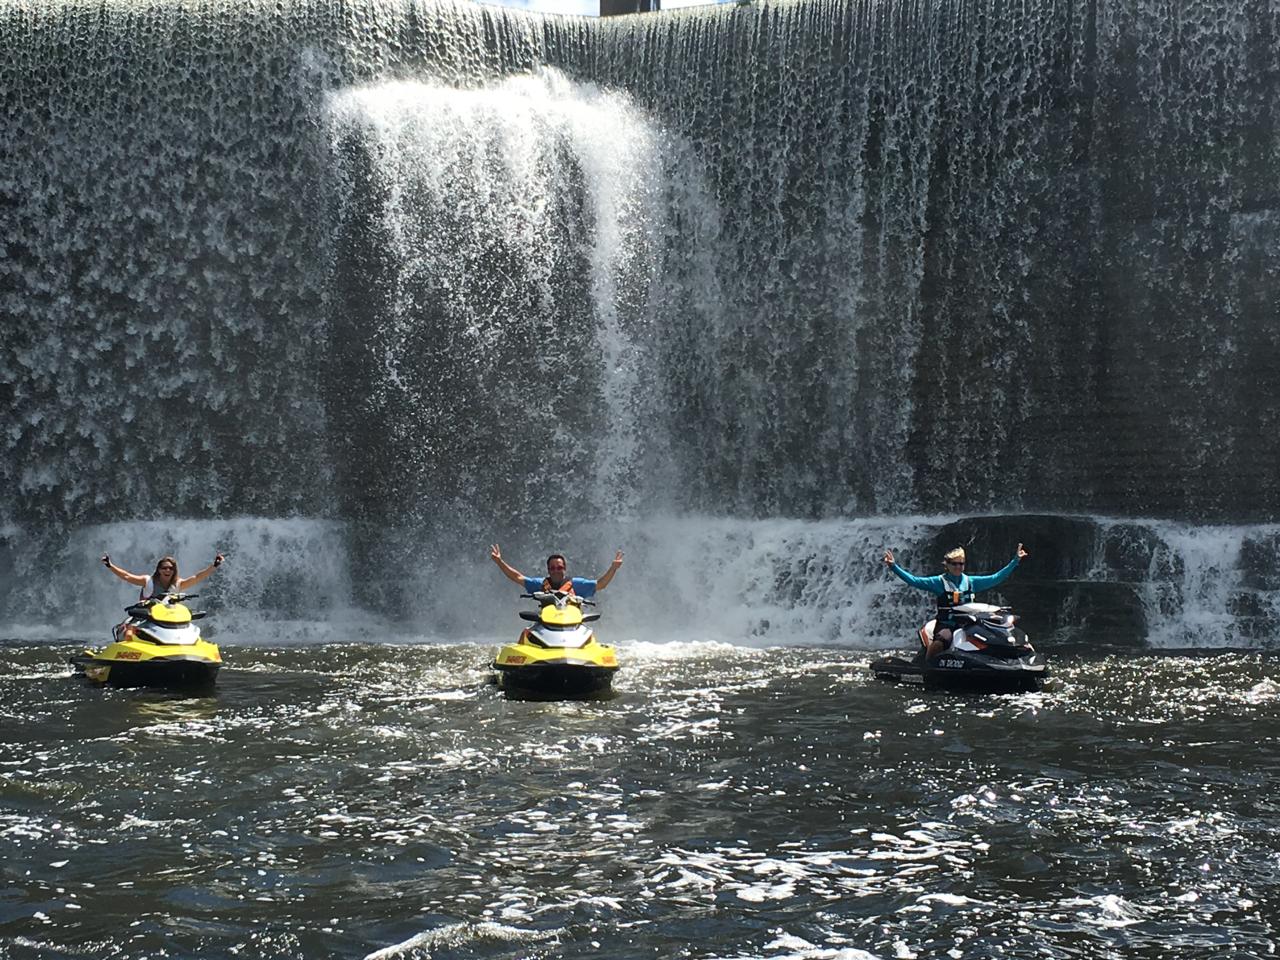 Sea Doo River Rides